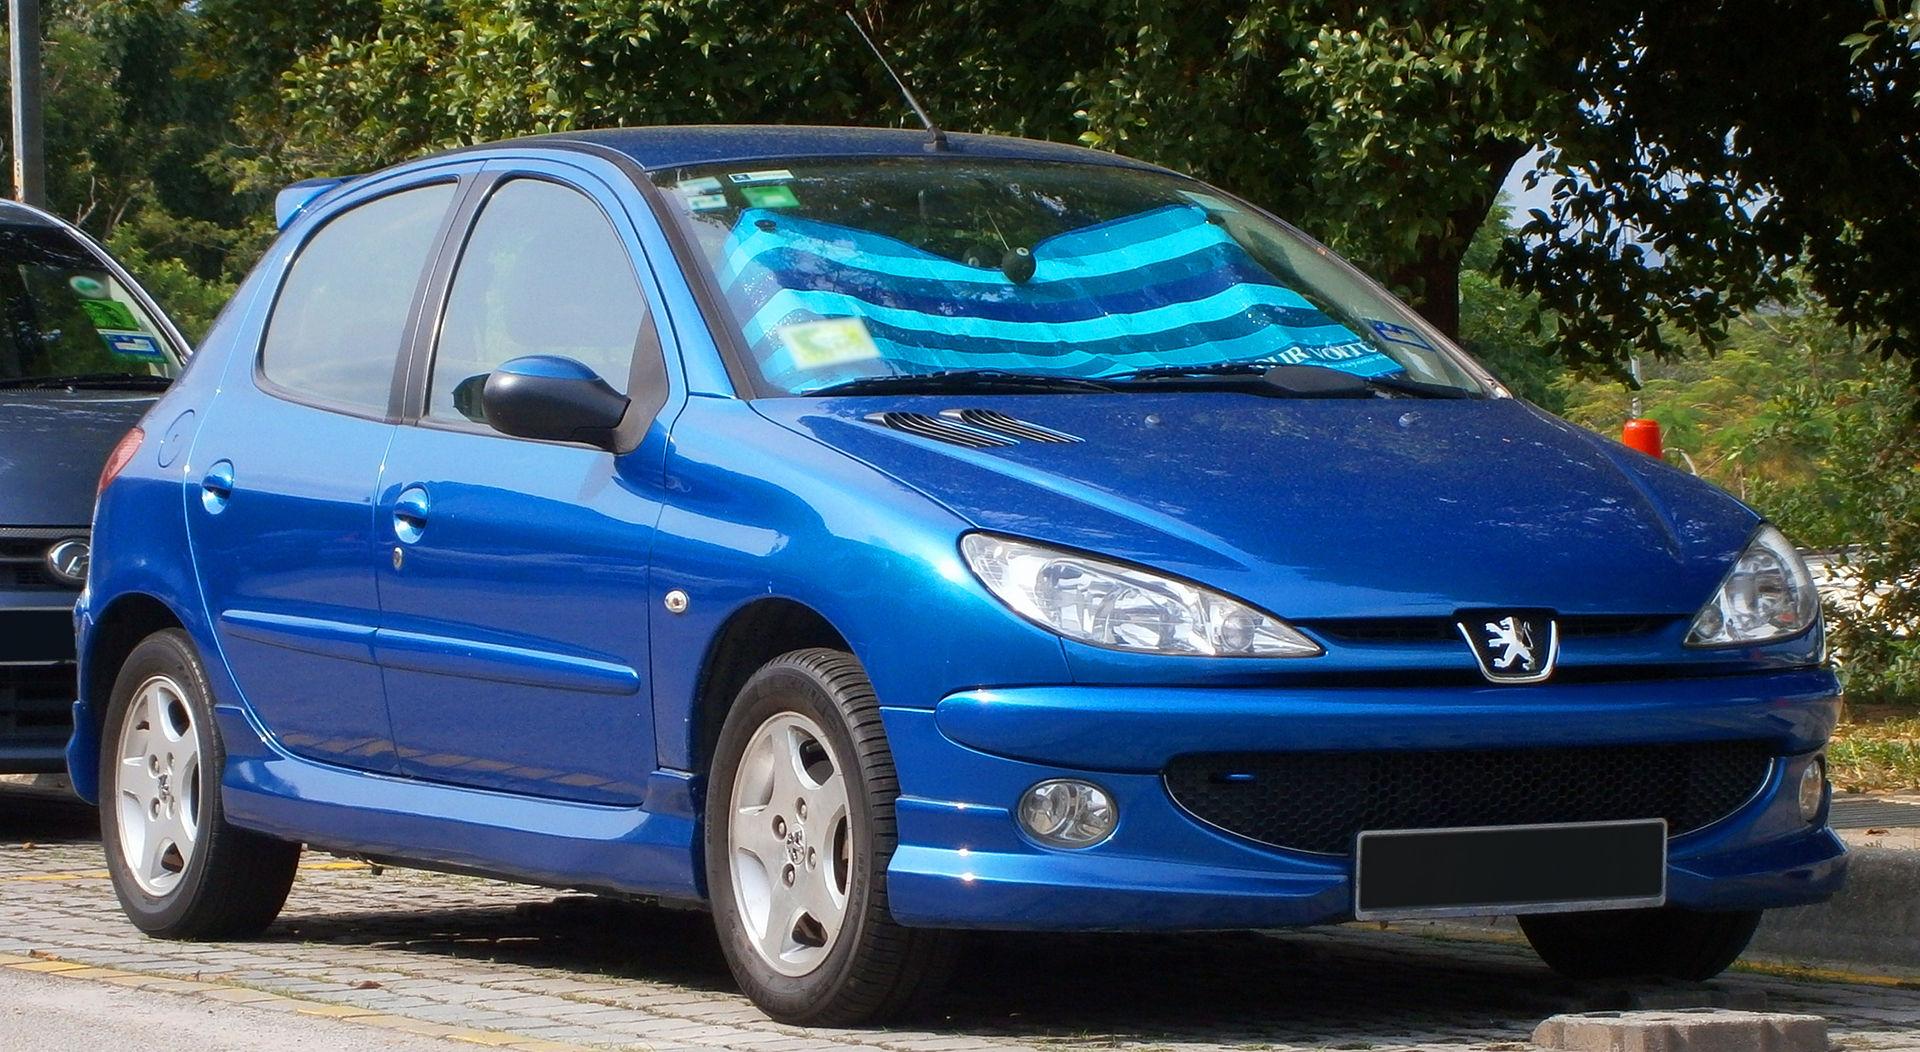 Peugeot 206 - Wikipedia